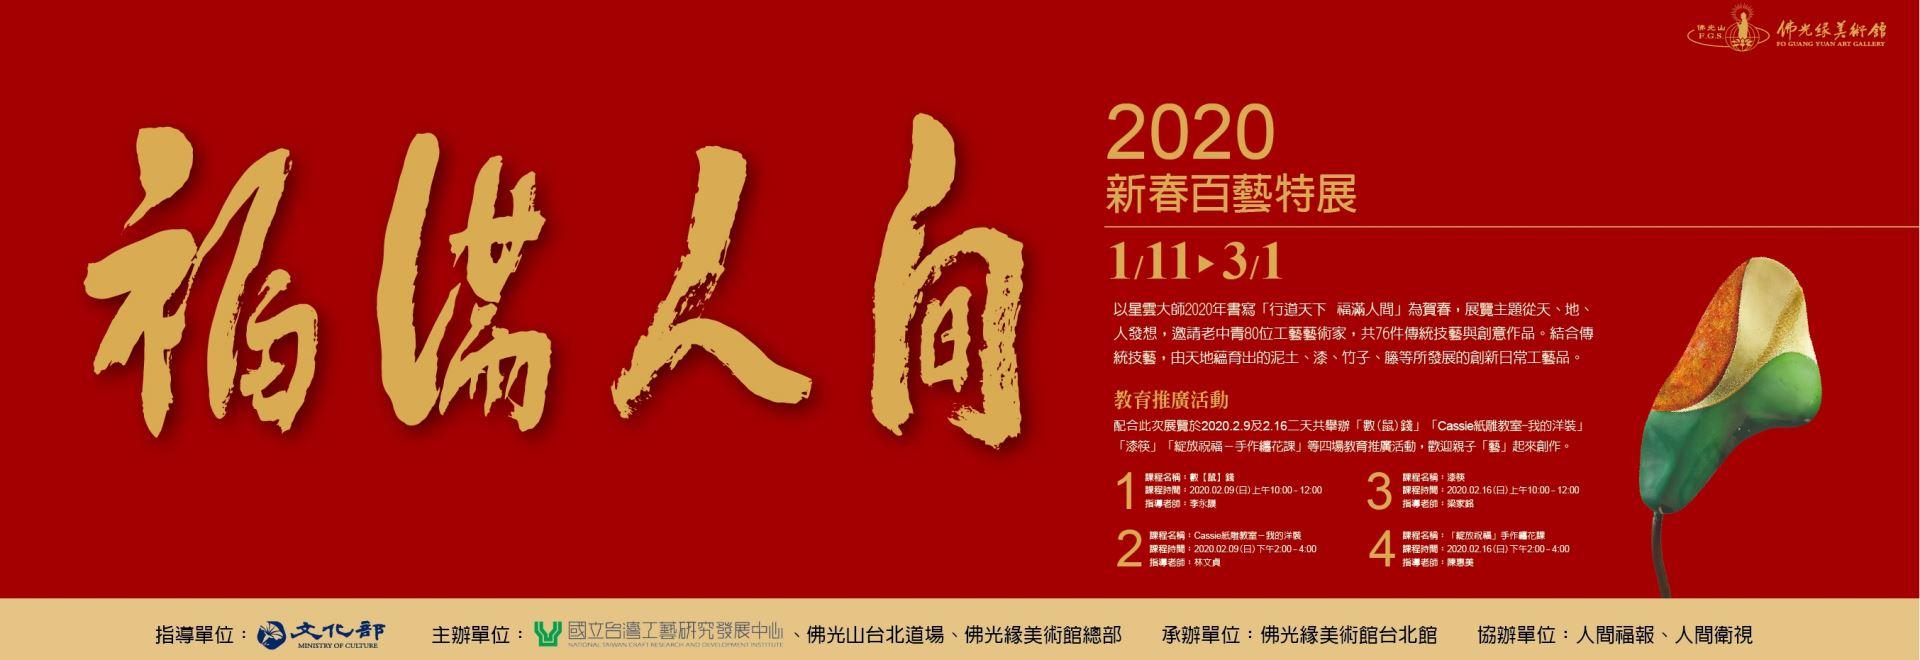 福滿人間-2020新春百藝特展[另開新視窗]